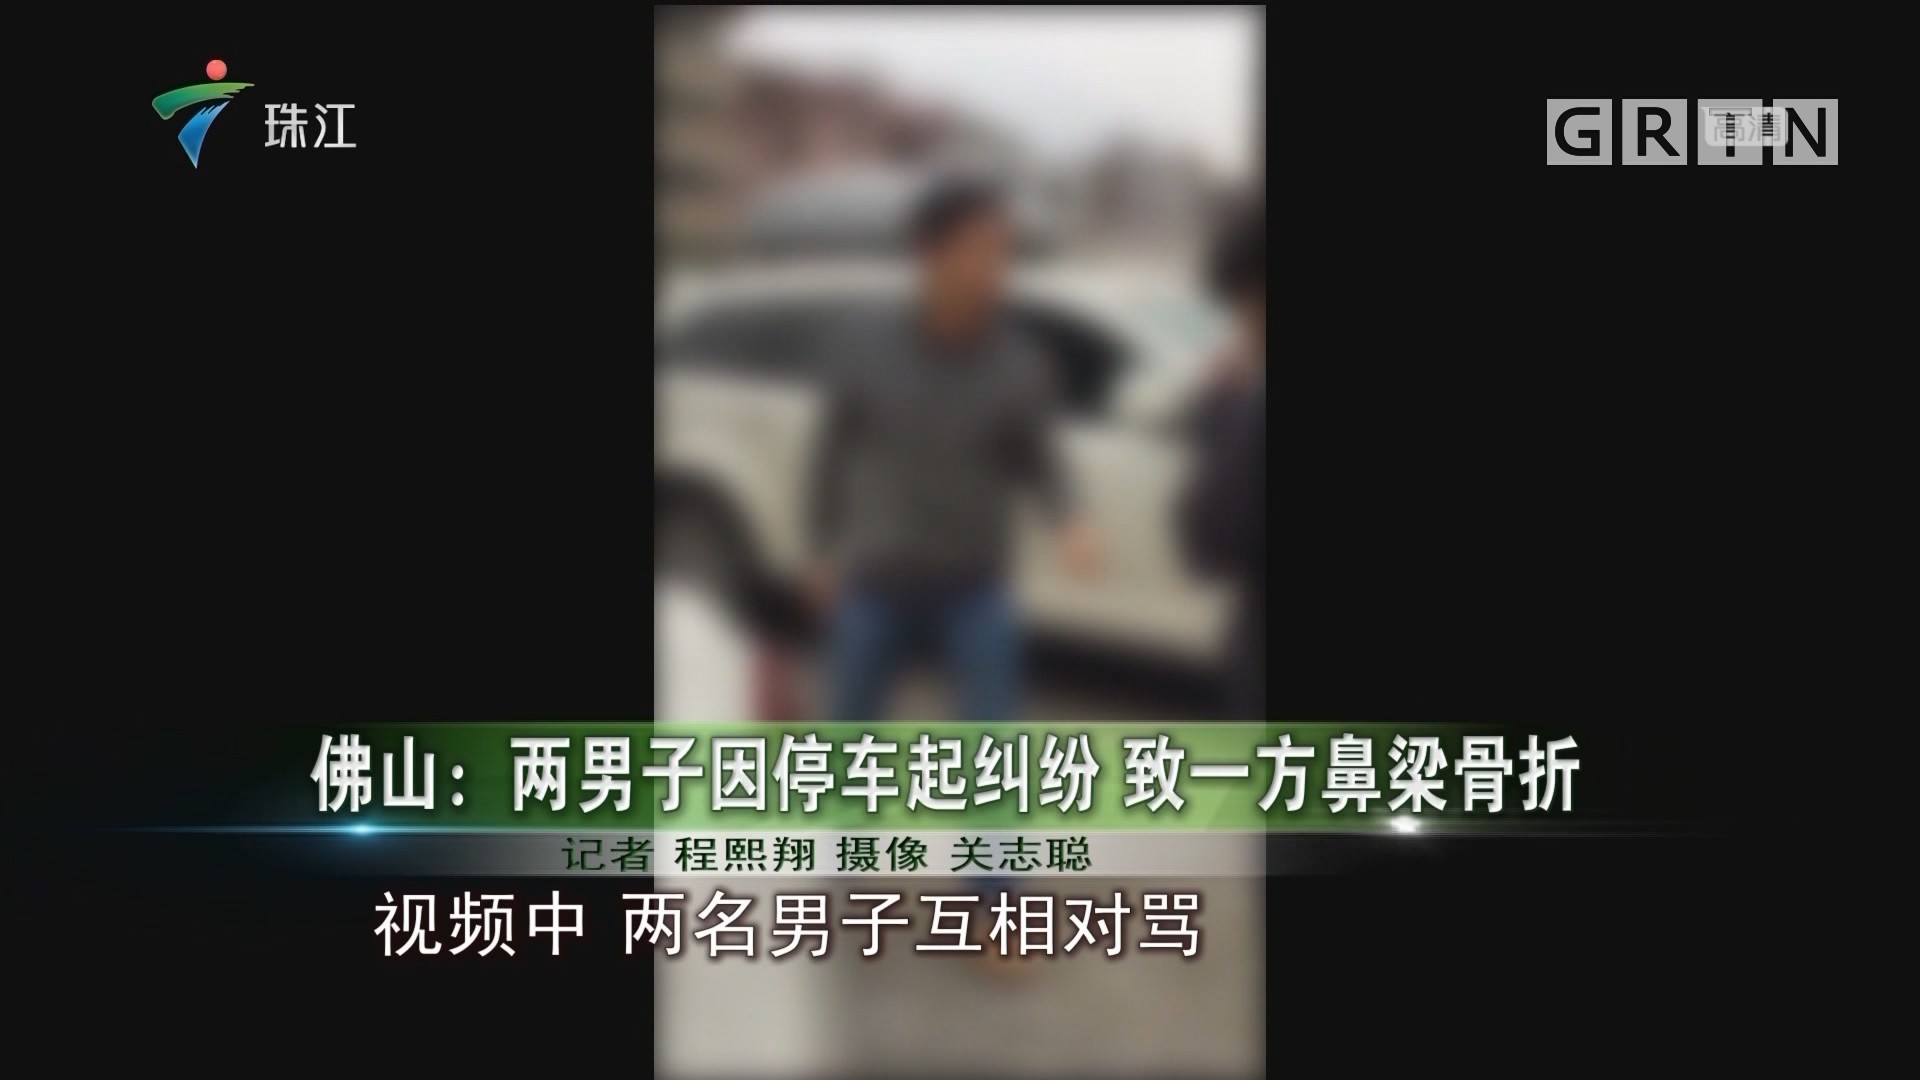 佛山:两男子因停车起纠纷 致一方鼻梁骨折